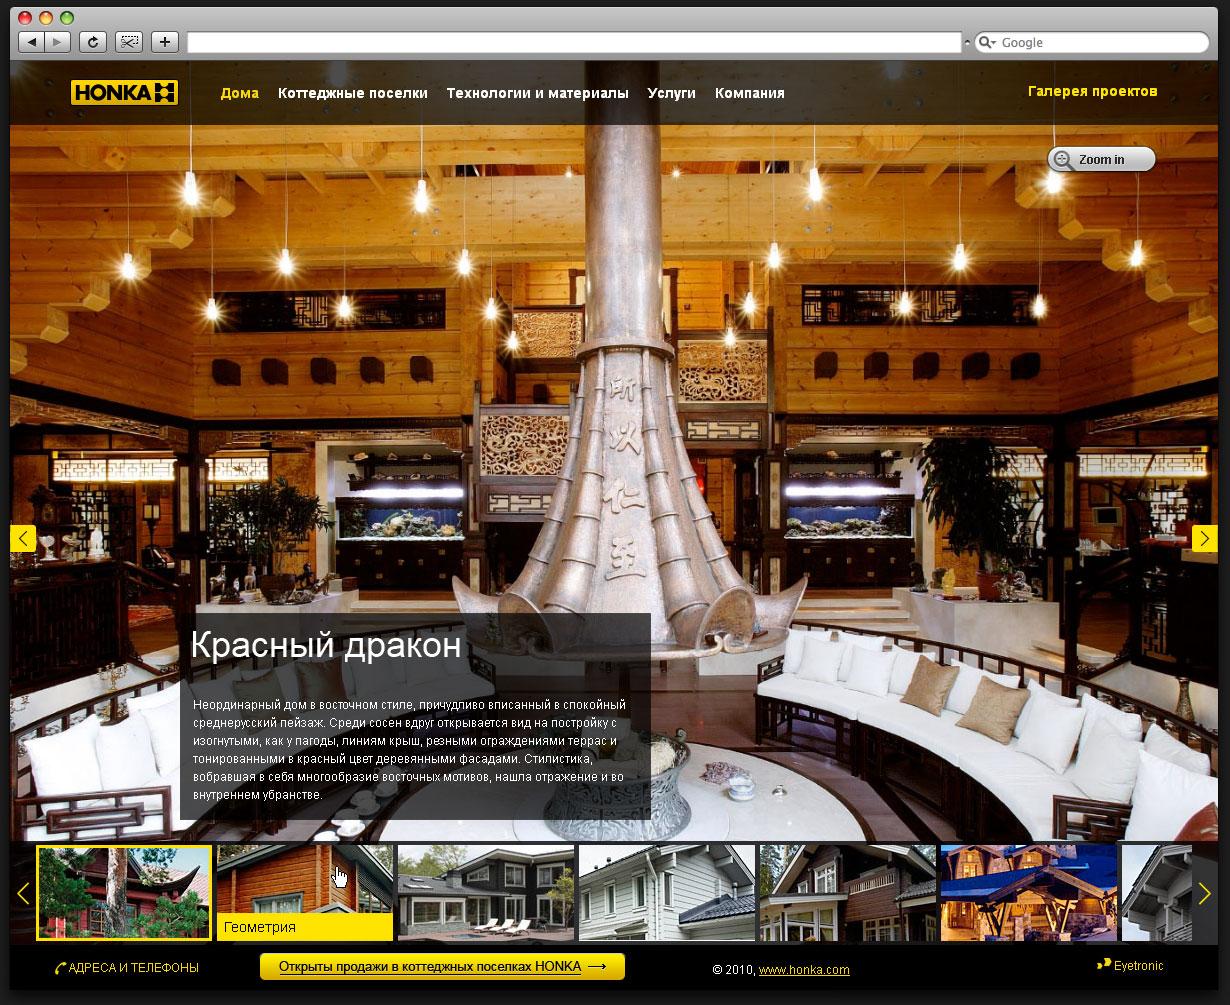 Разработка сайта для компании HONKA - 2